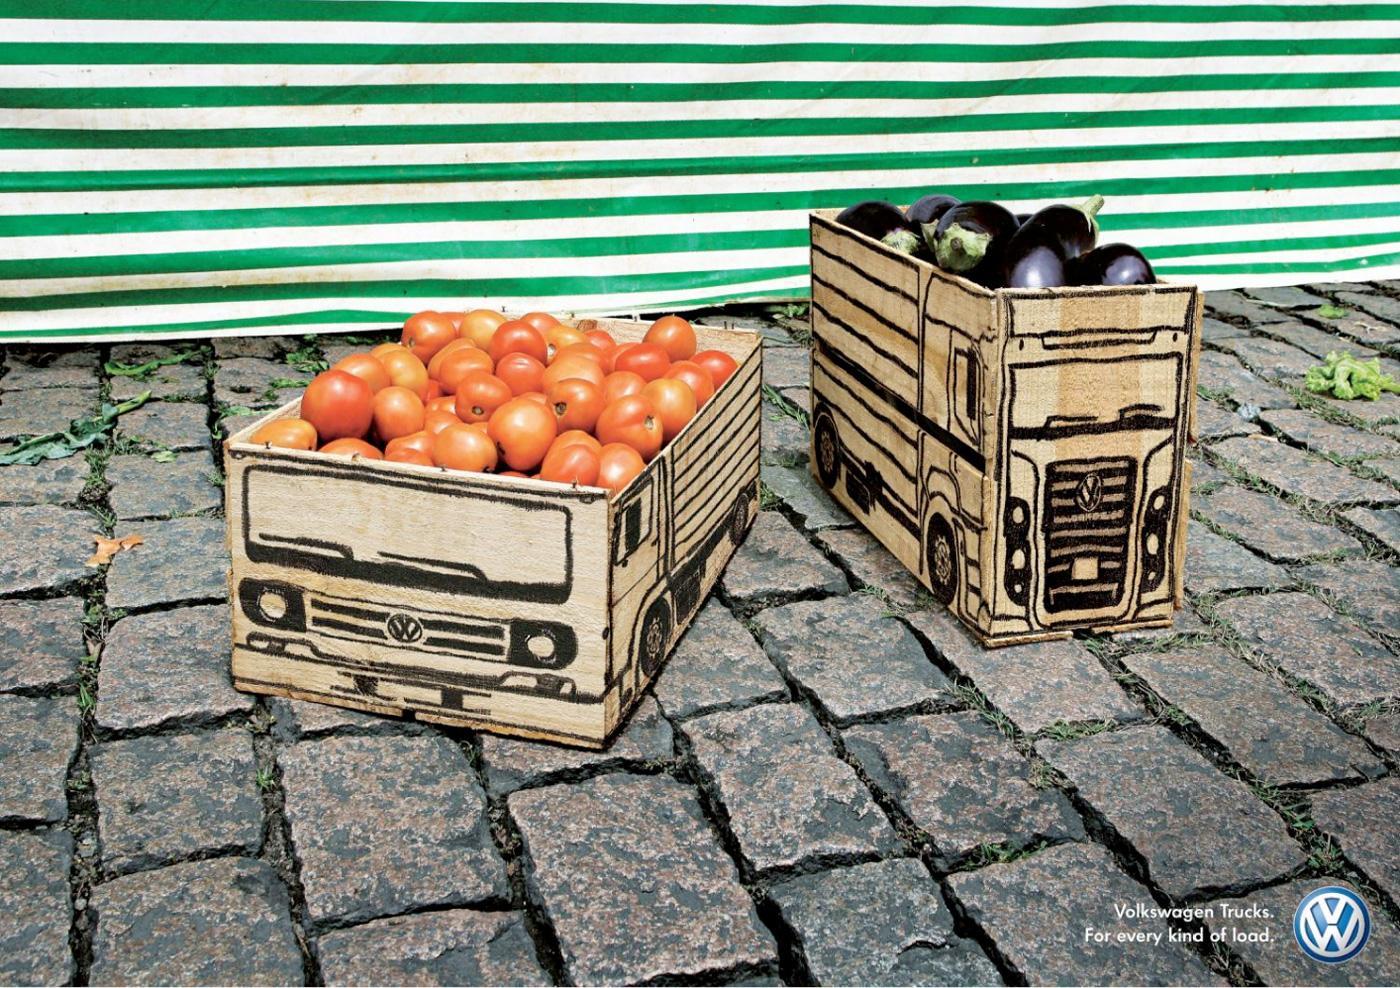 Volkswagen Outdoor Ad -  Vegetables